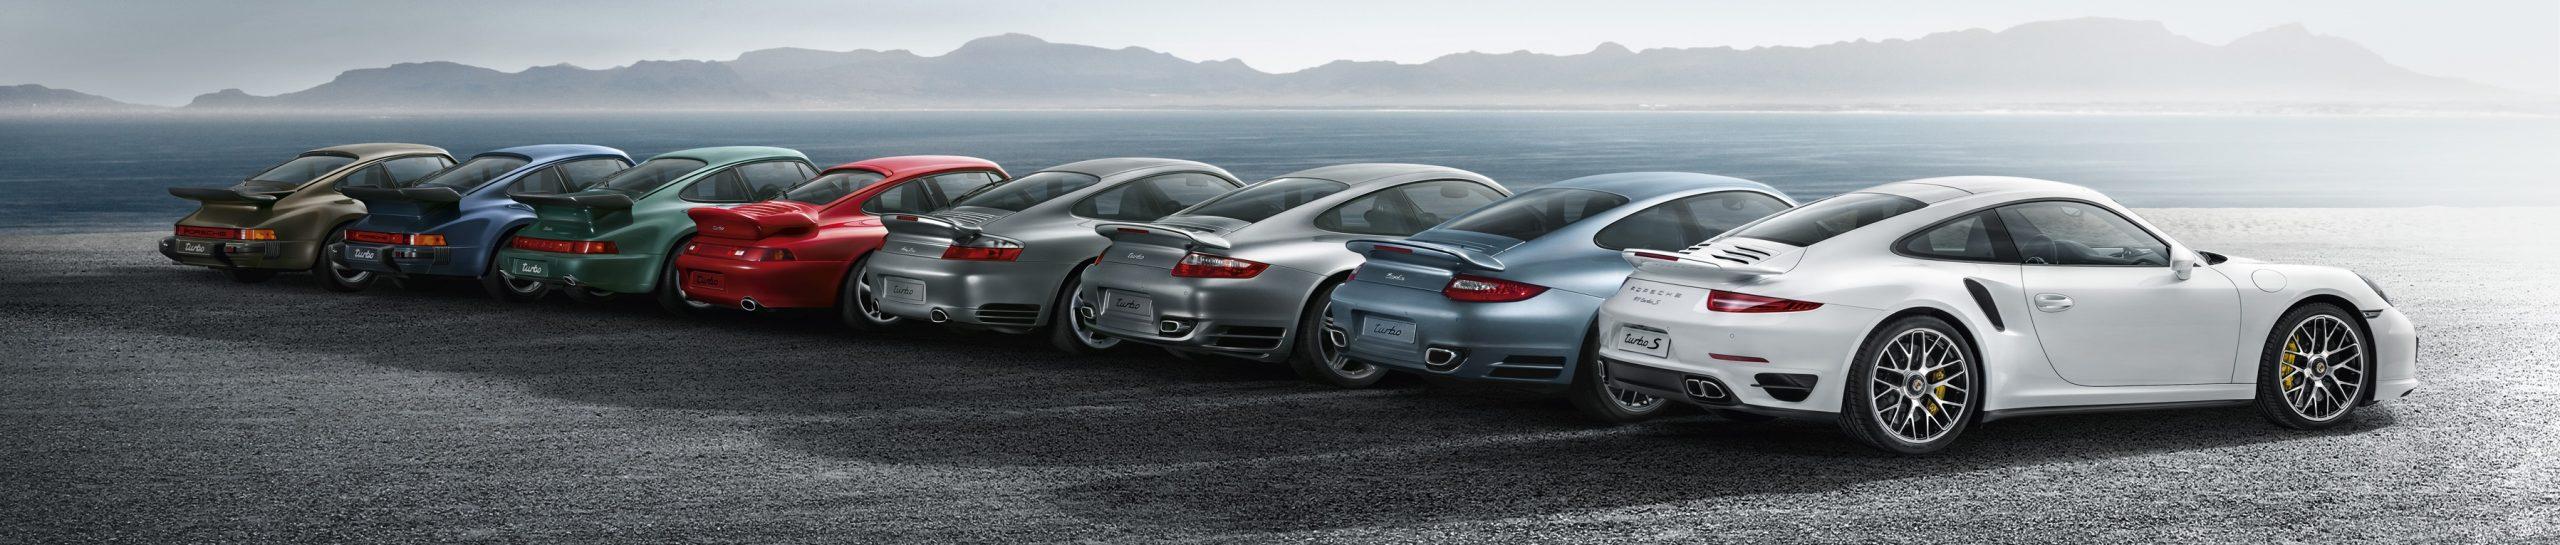 Все поколения Порше 911 Турбо